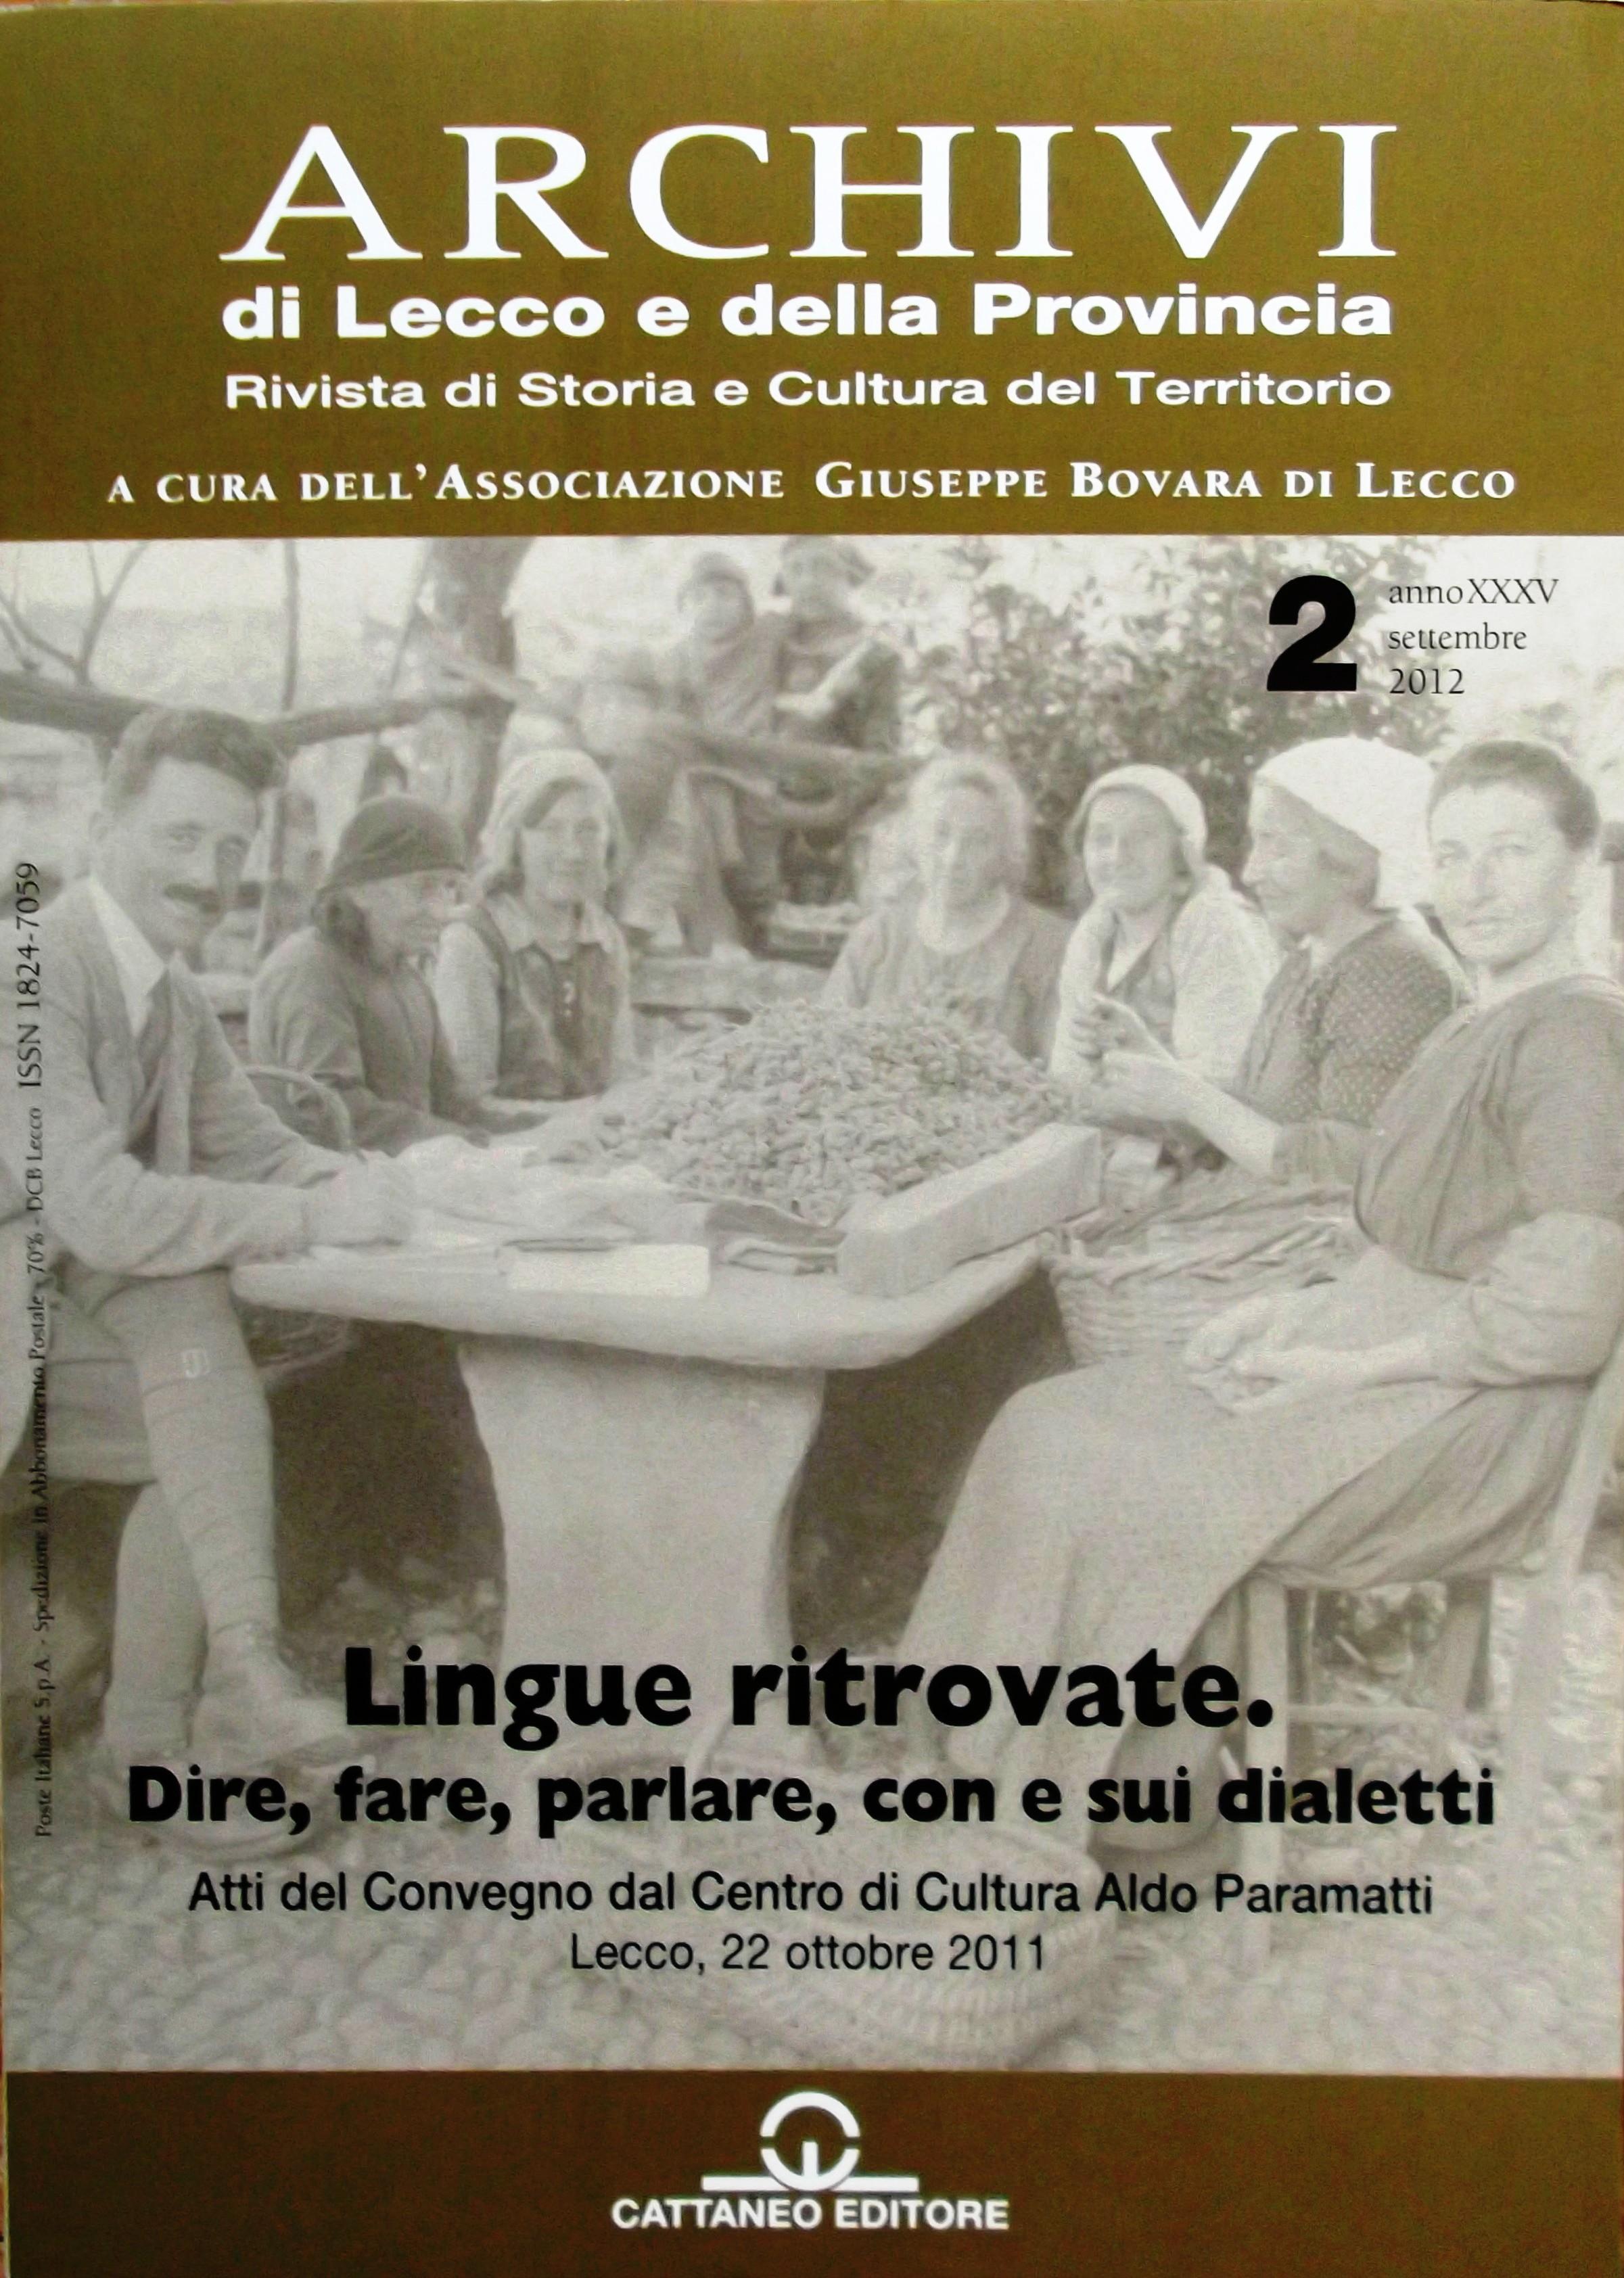 Archivi di Lecco e della Provincia, Atti del Convegno Lingue ritrovate, 2012